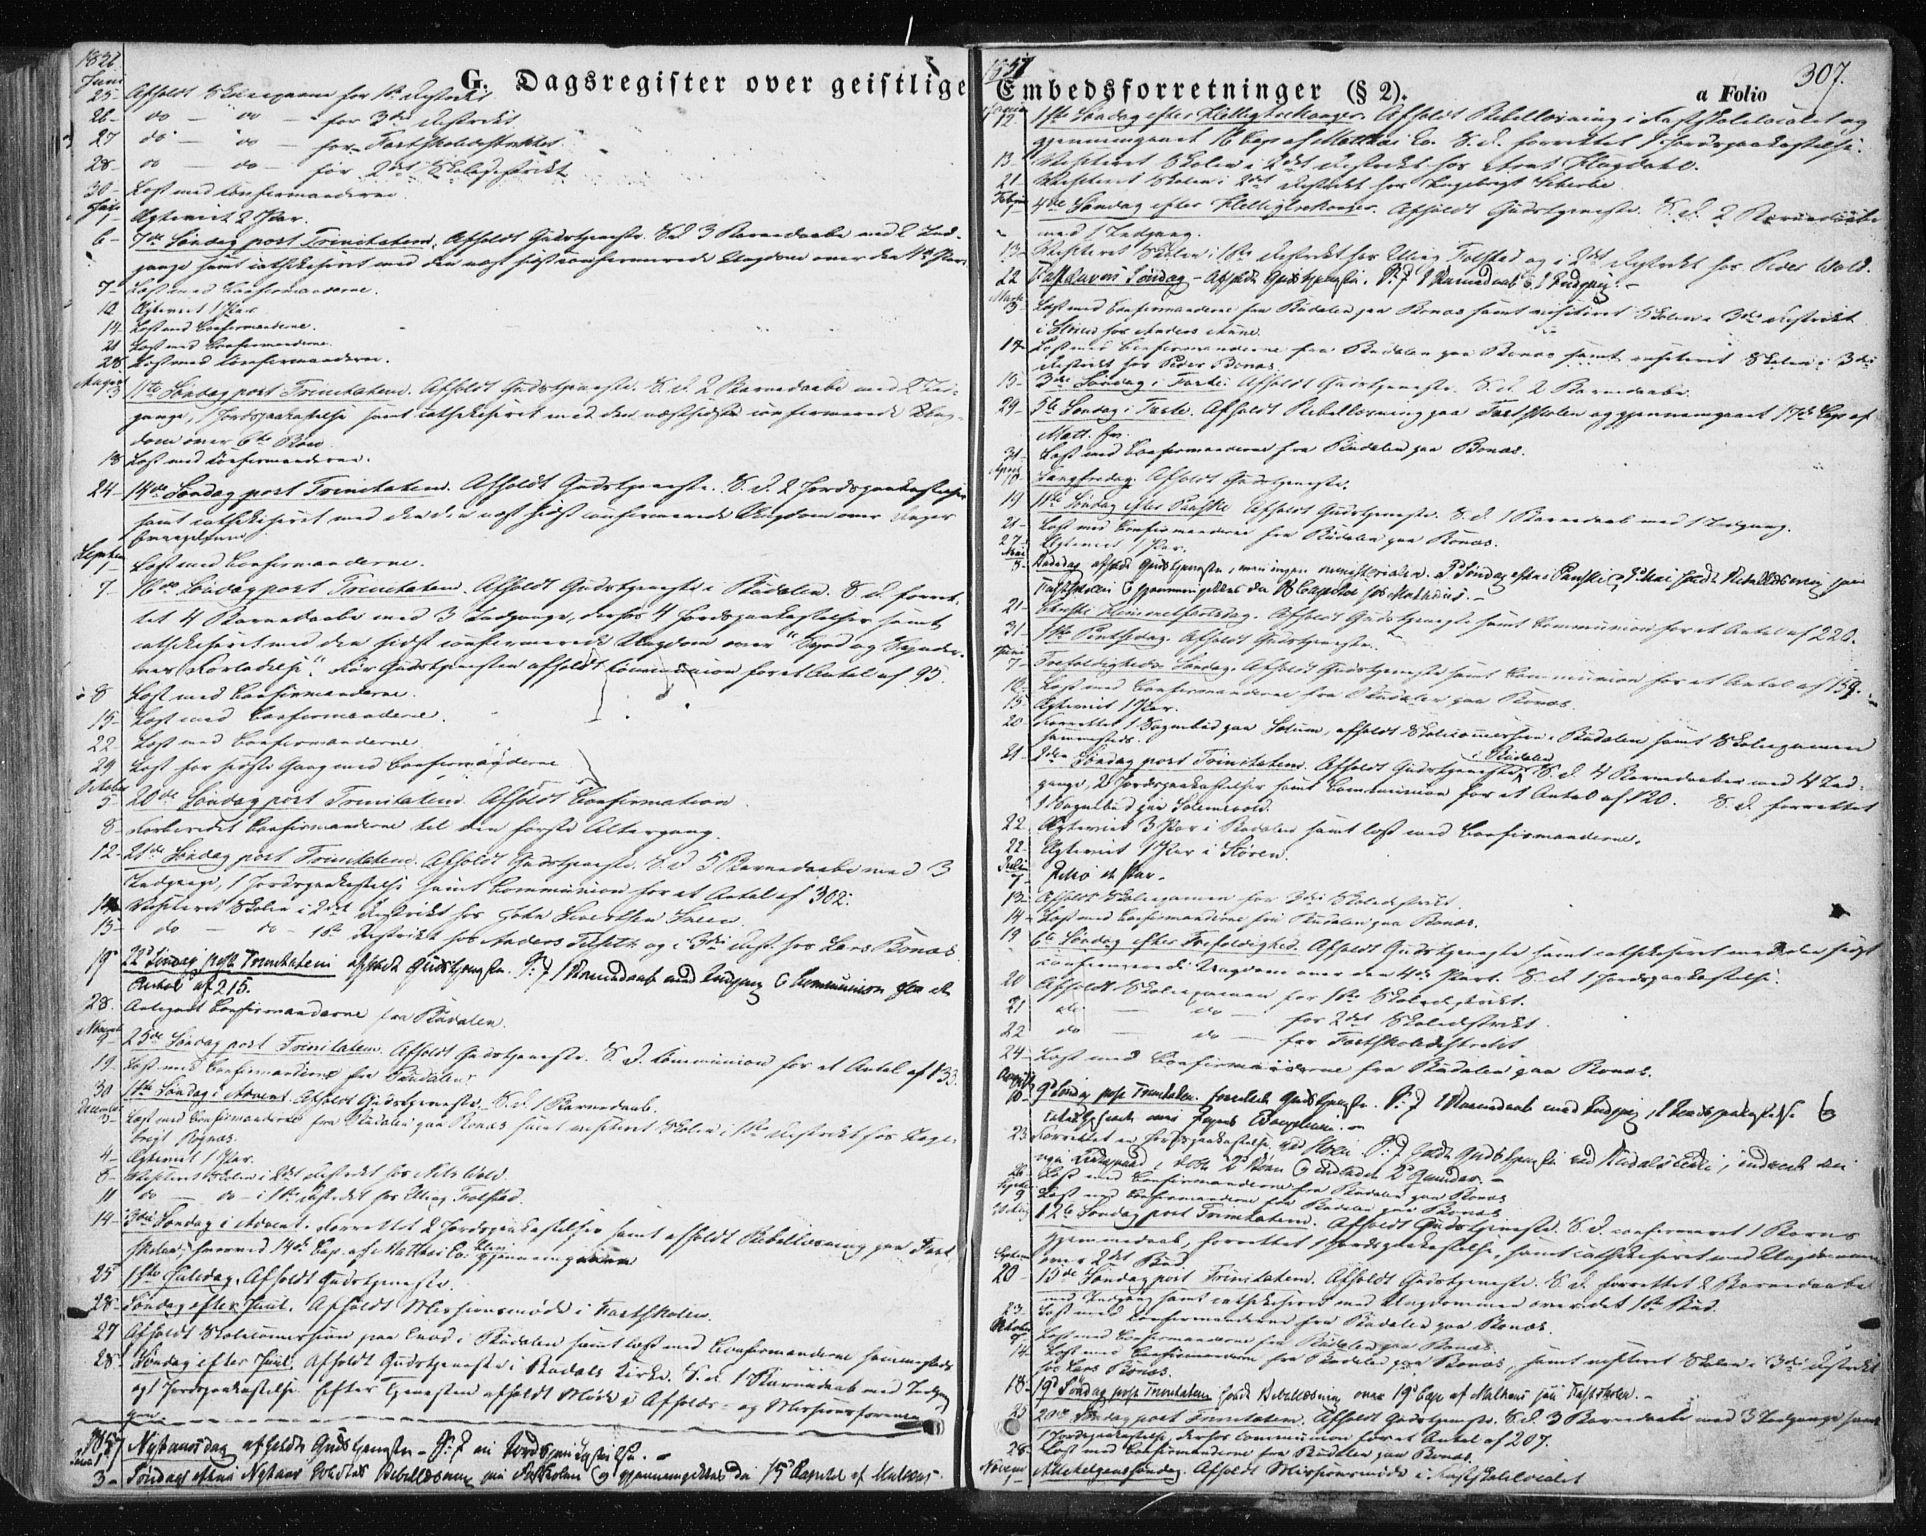 SAT, Ministerialprotokoller, klokkerbøker og fødselsregistre - Sør-Trøndelag, 687/L1000: Ministerialbok nr. 687A06, 1848-1869, s. 307